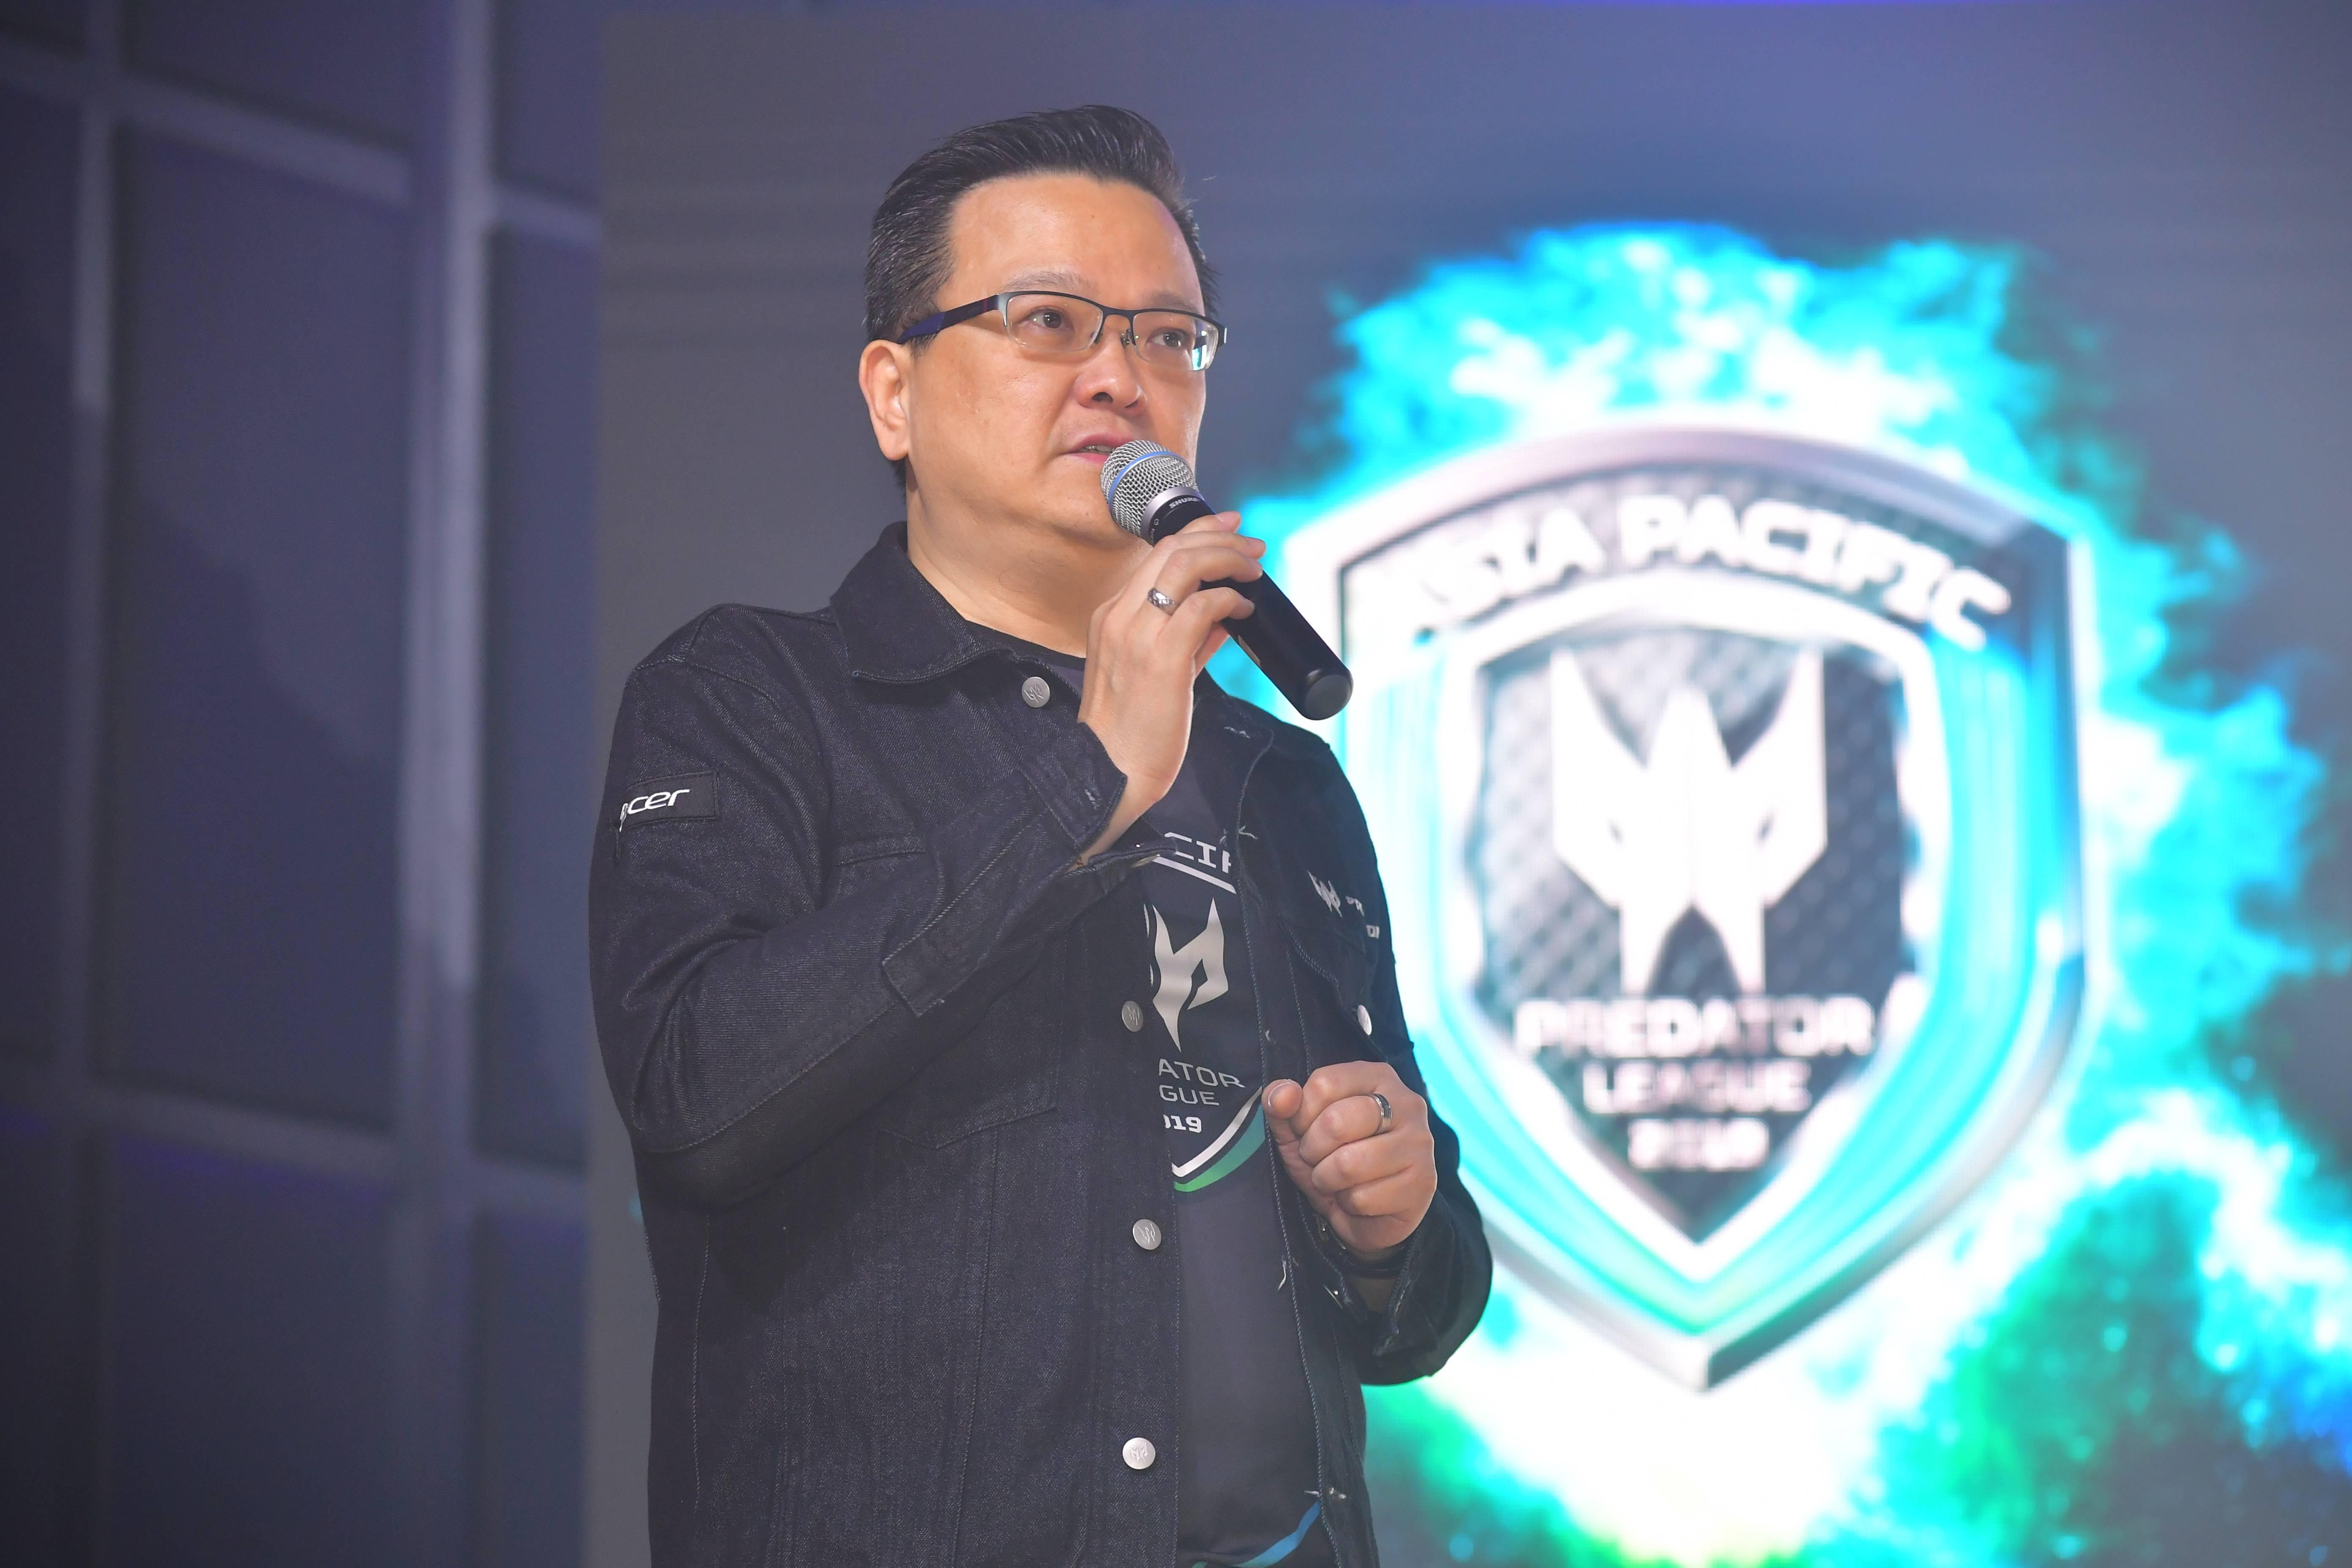 arr 6922 บรรยากาศงาน Asia Pacific Predator League 2019 สุดยอดขุนพลทีมอีสปอร์ตเข้าร่วมการแข่งขันรอบแกรนด์ไฟนอล